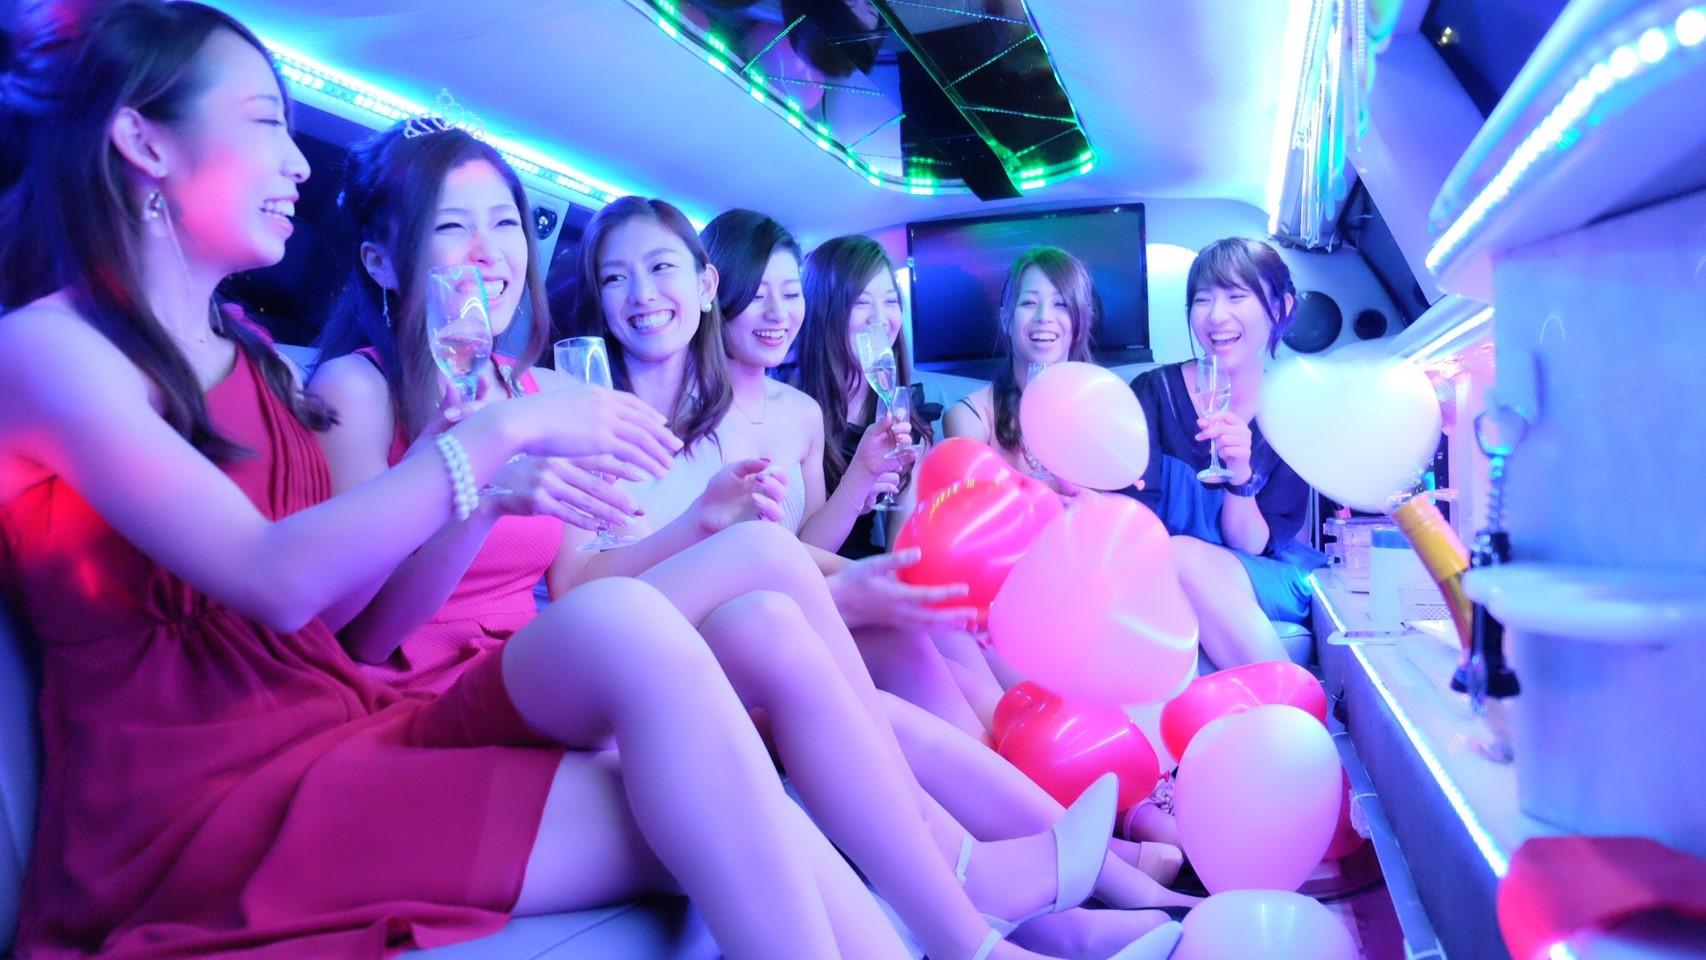 リムジンパーティー リムジン女子会 リムジンレンタル リムジン 女子会 誕生日 サプライズ パーティー